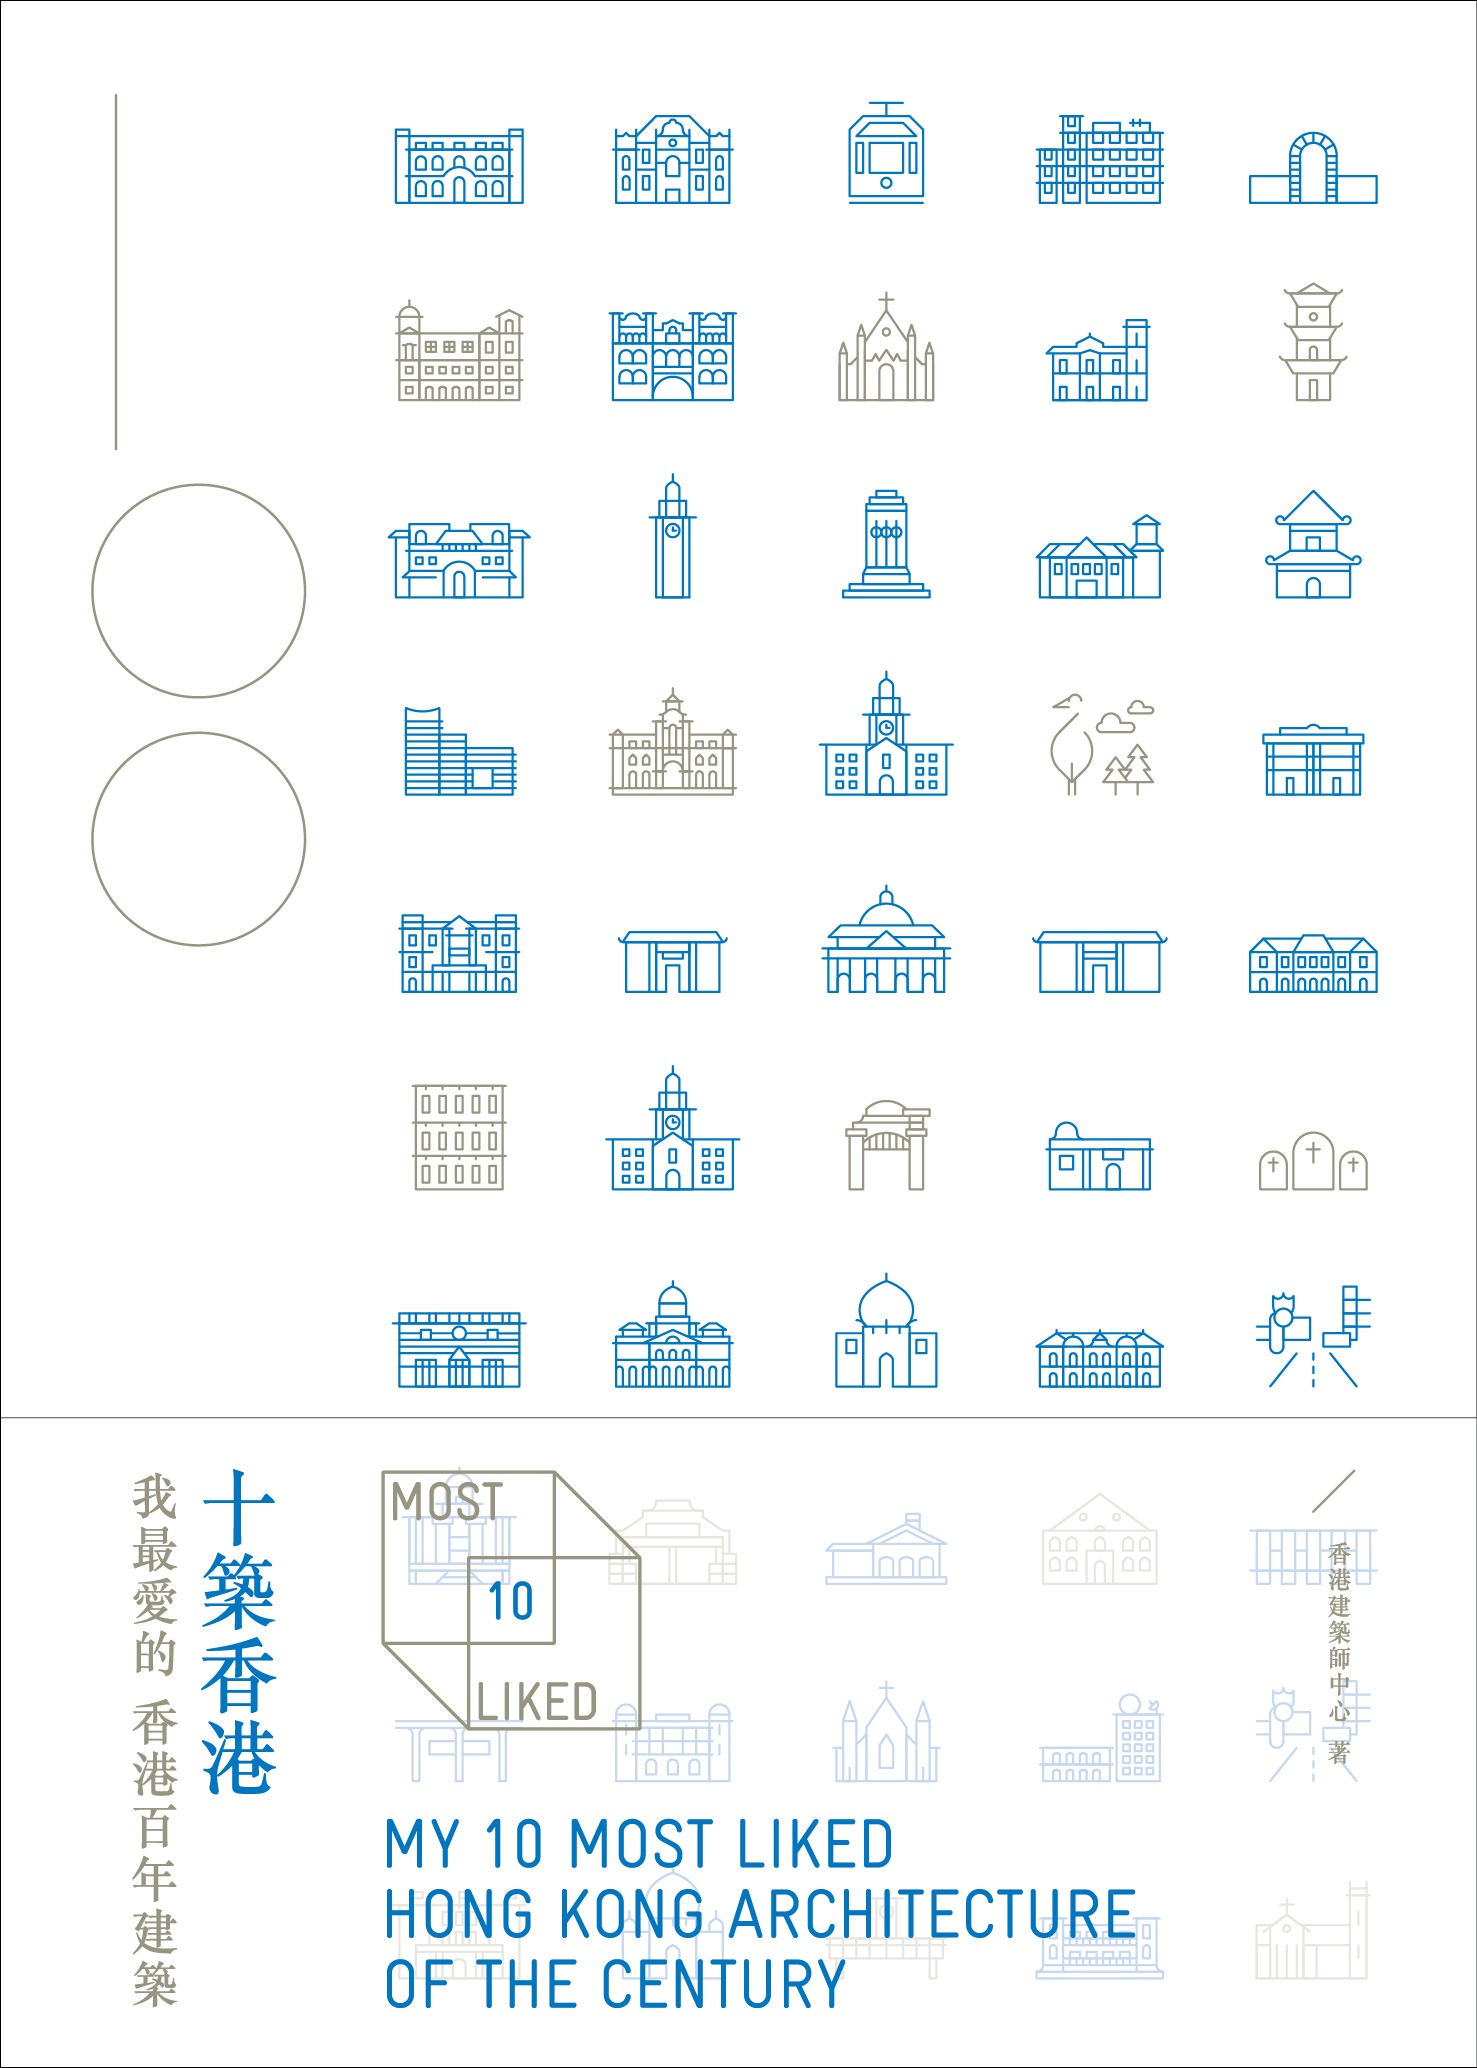 十築香港:我最愛的香港百年建築